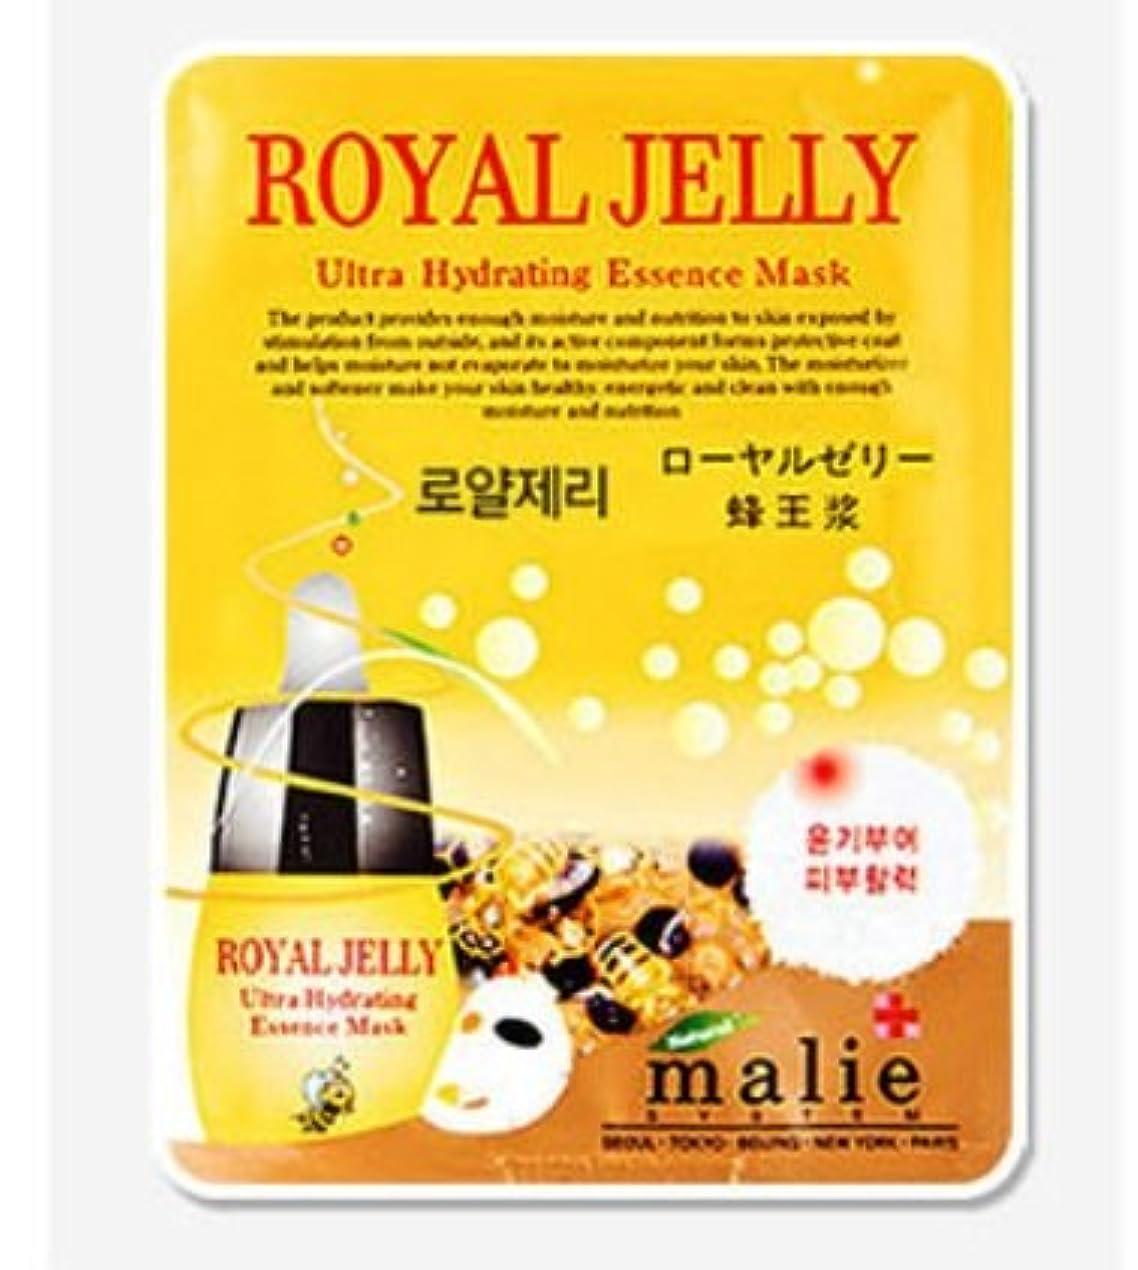 絶望一方、無謀[MALIE] まりえローヤルゼリーウルトラ?ハイドレーティング?エッセンスマスク25gX10枚 / Malie Royal Jelly Ultra Hydrating Essence Mask [並行輸入品]